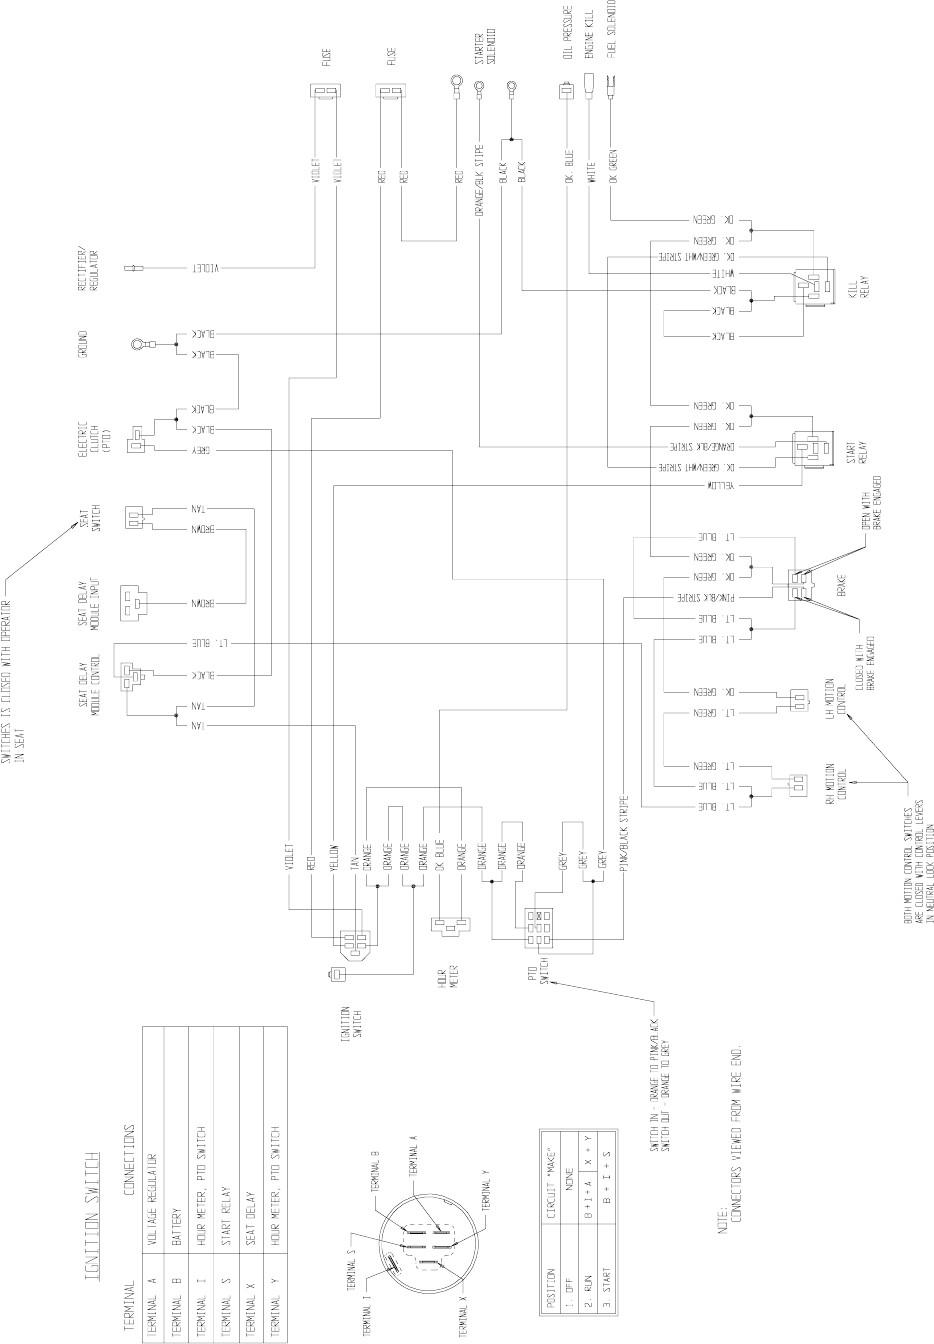 Wire Schematic Lazer Z Lz20kc524 Exmark Pto Switch Wiring Diagram Wiring Diagram Of Wire Schematic Lazer Z Lz20kc524